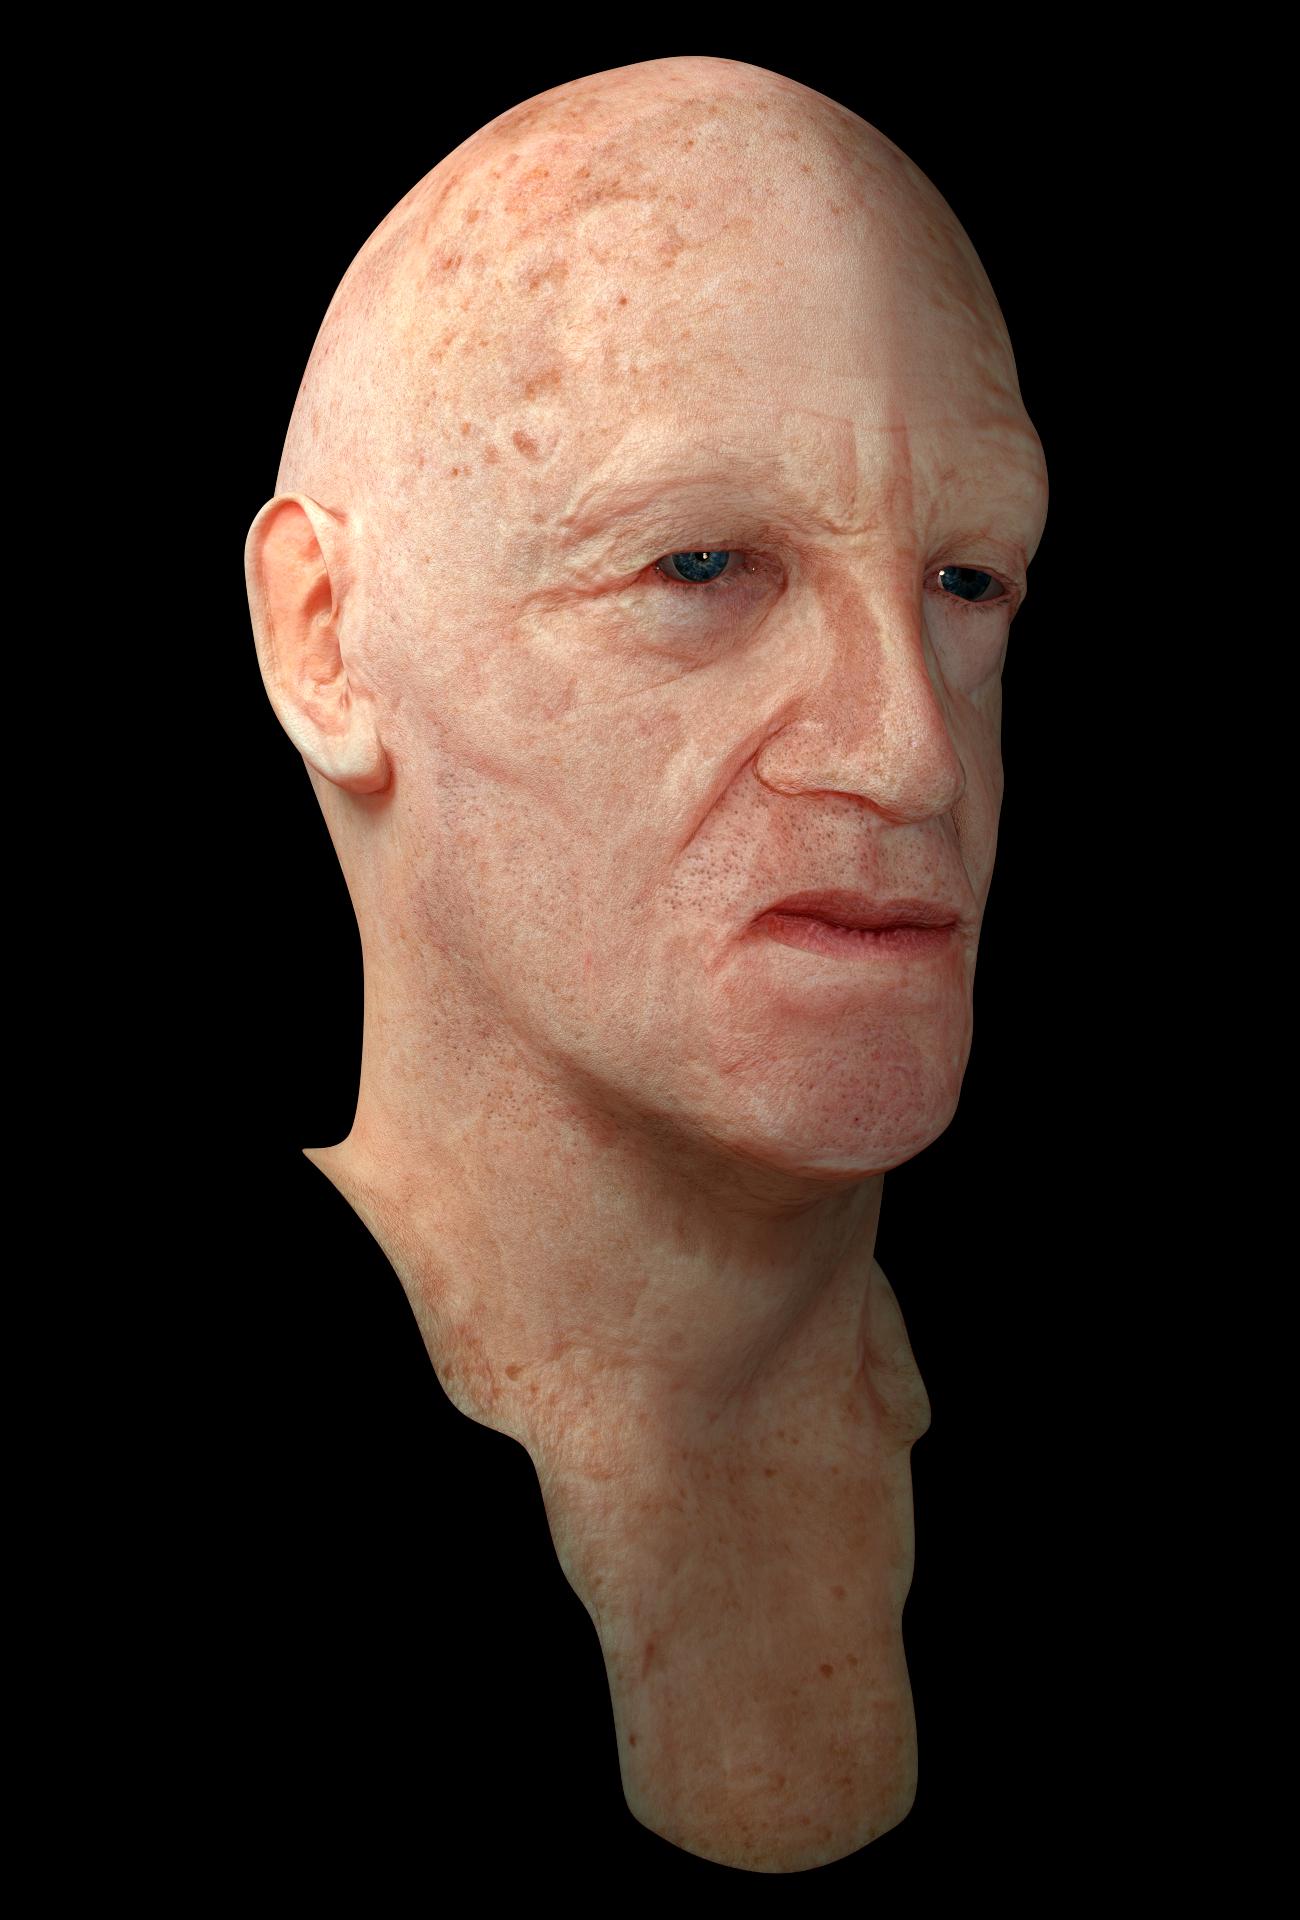 werner-herzog-3d-render-skin.jpg